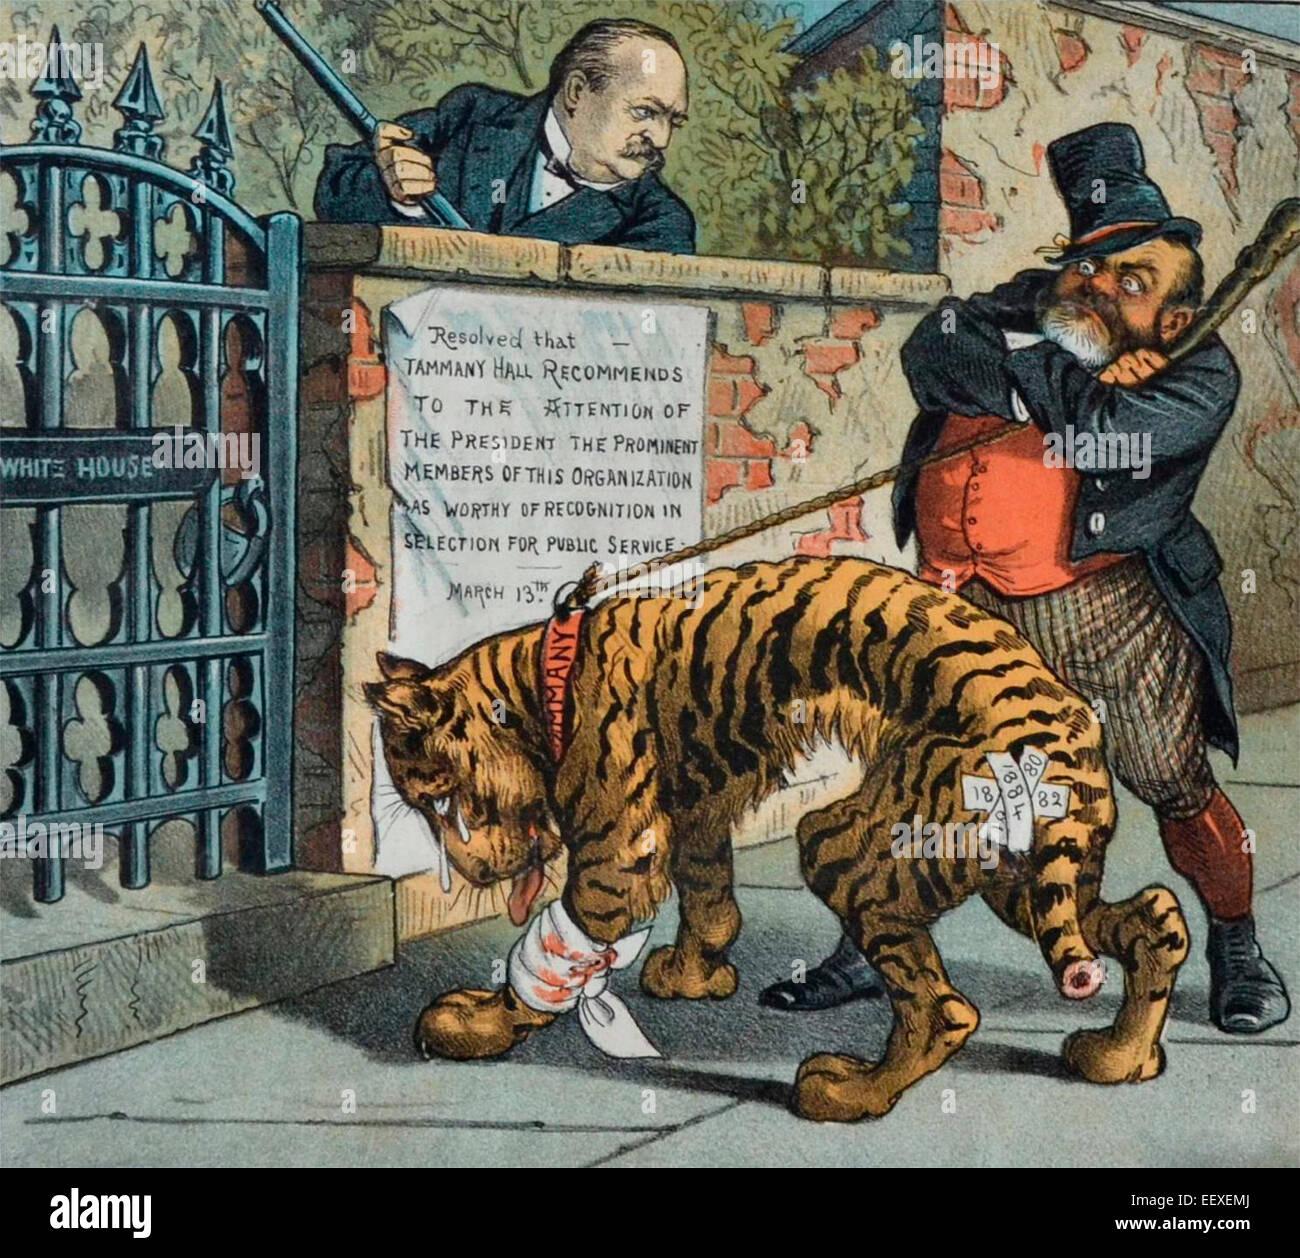 Tammany Tiger Visites Président Grover Cleveland à la Maison Blanche. Caricature politique 1885 Photo Stock